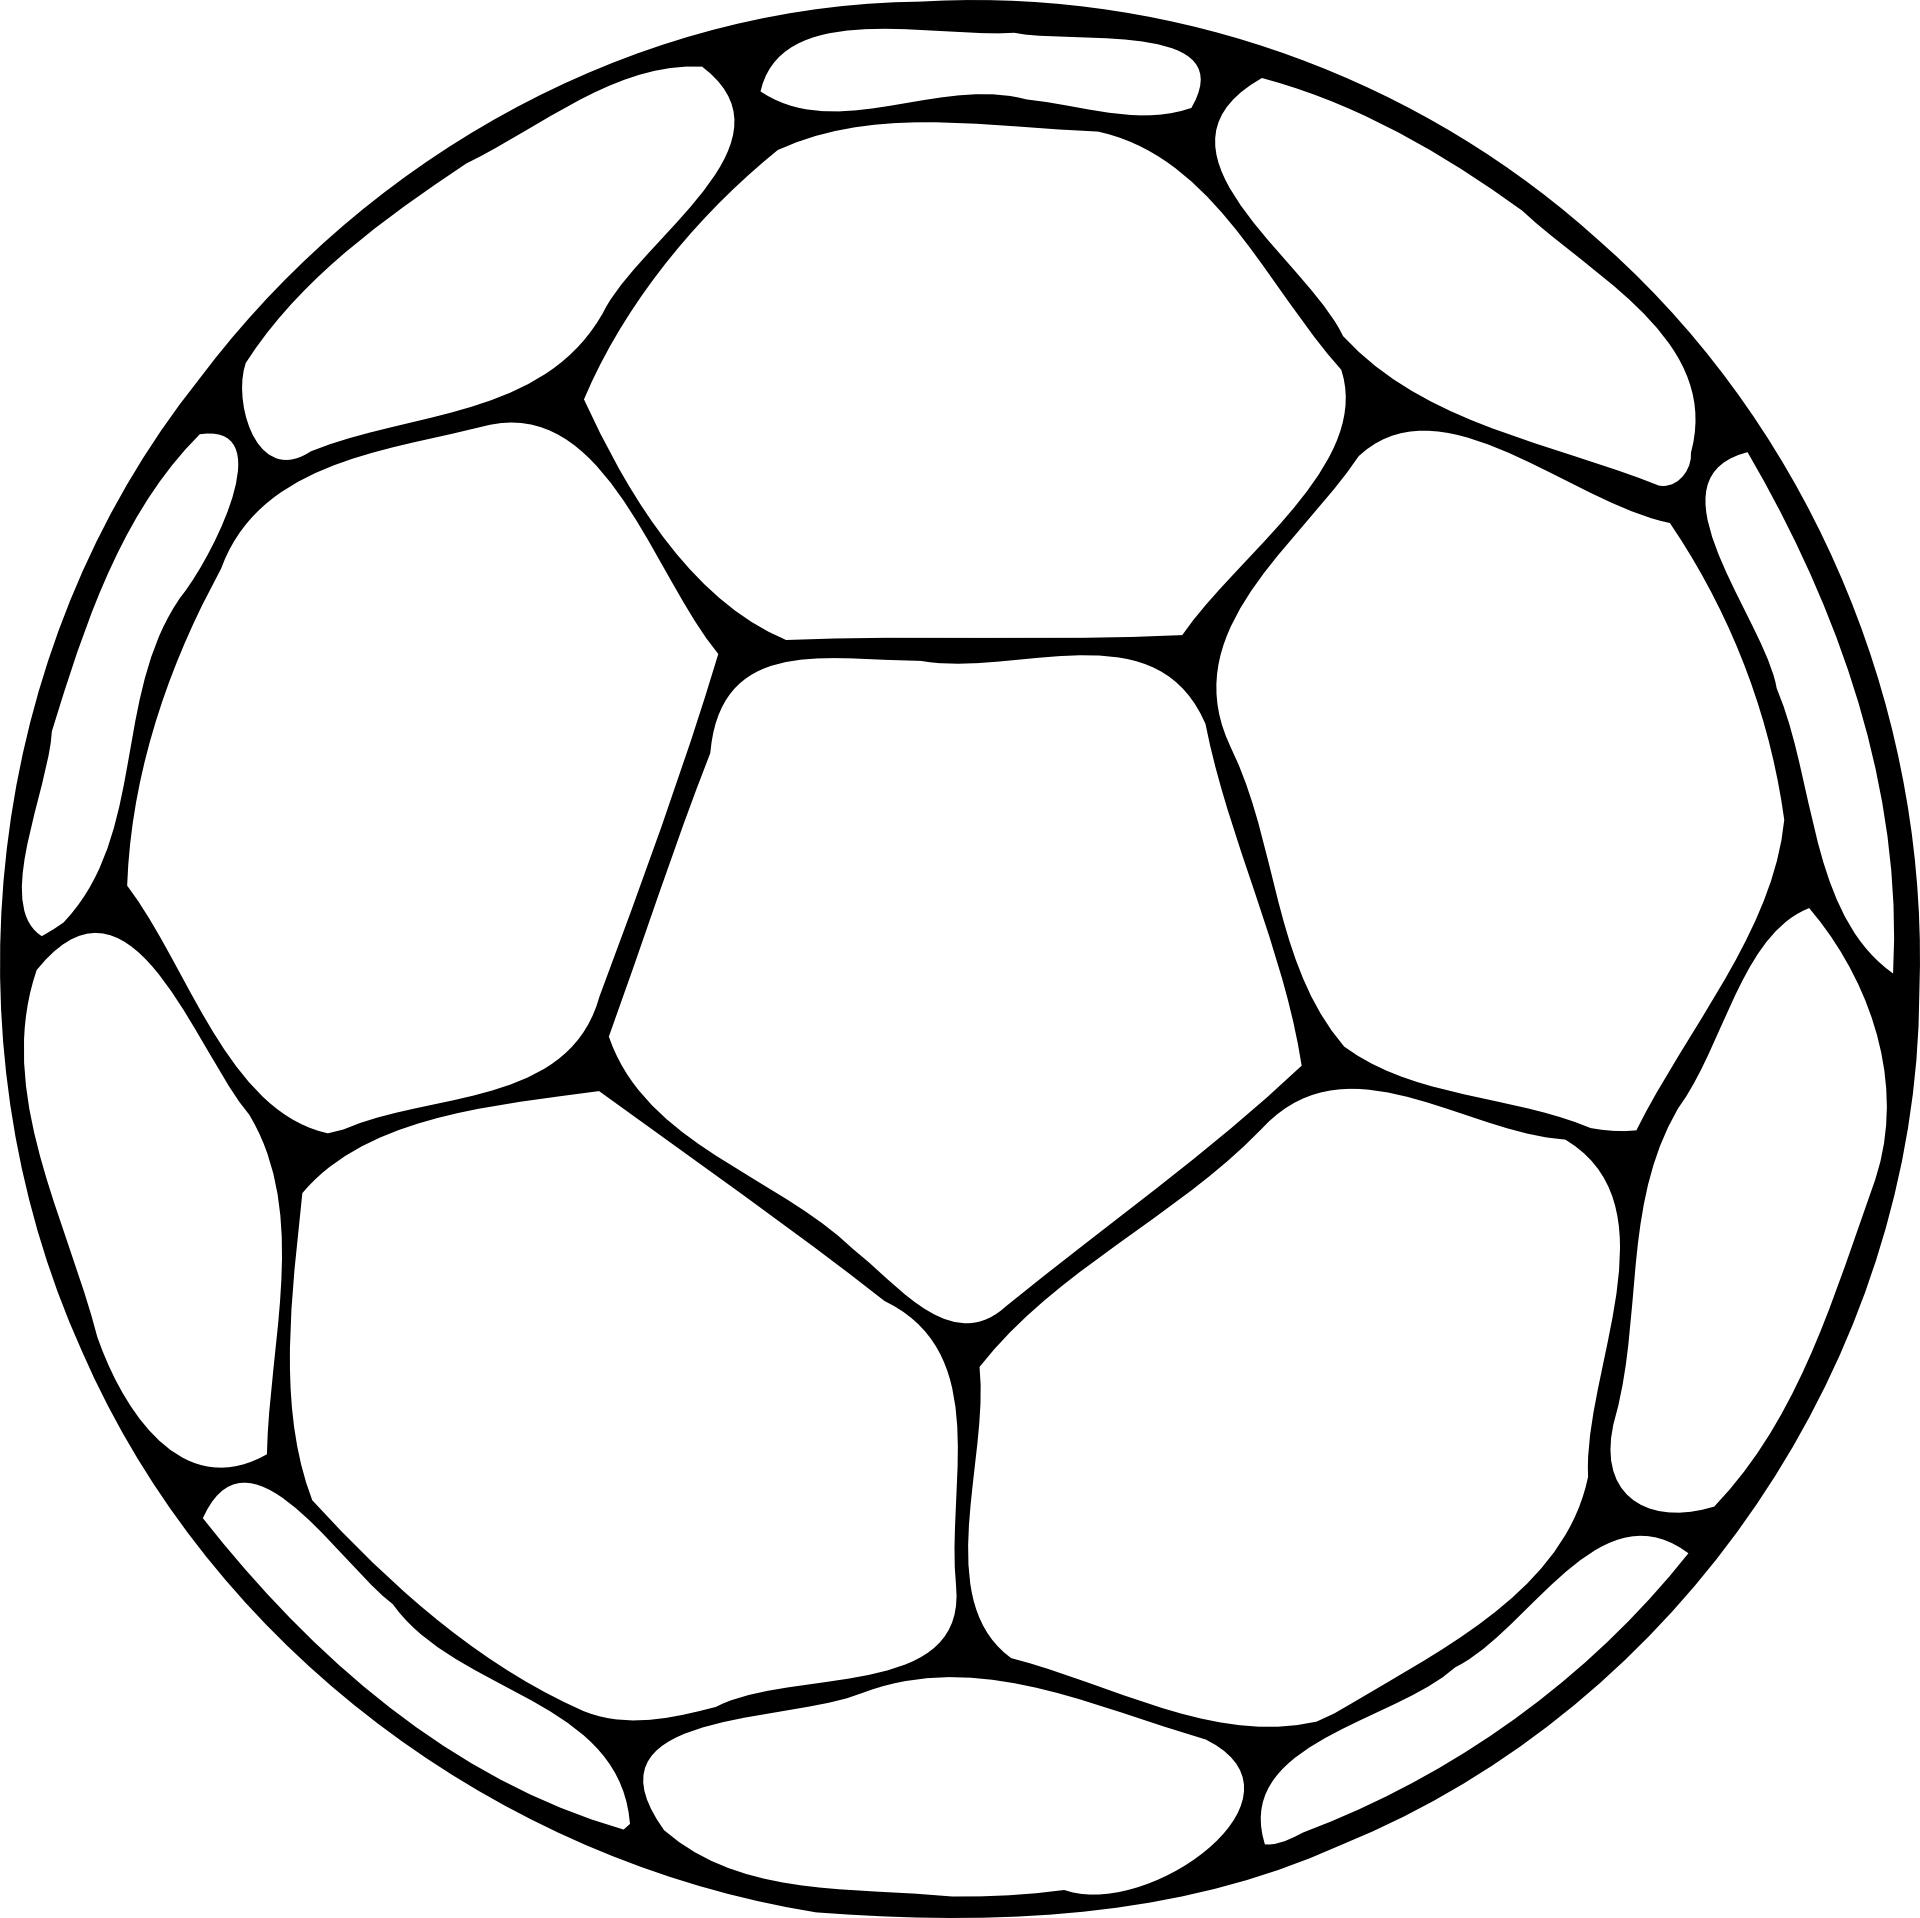 Ausmalbilder Fussball Zum Ausdrucken Ausmalbilder Fussball Ausmalen Malvorlagen